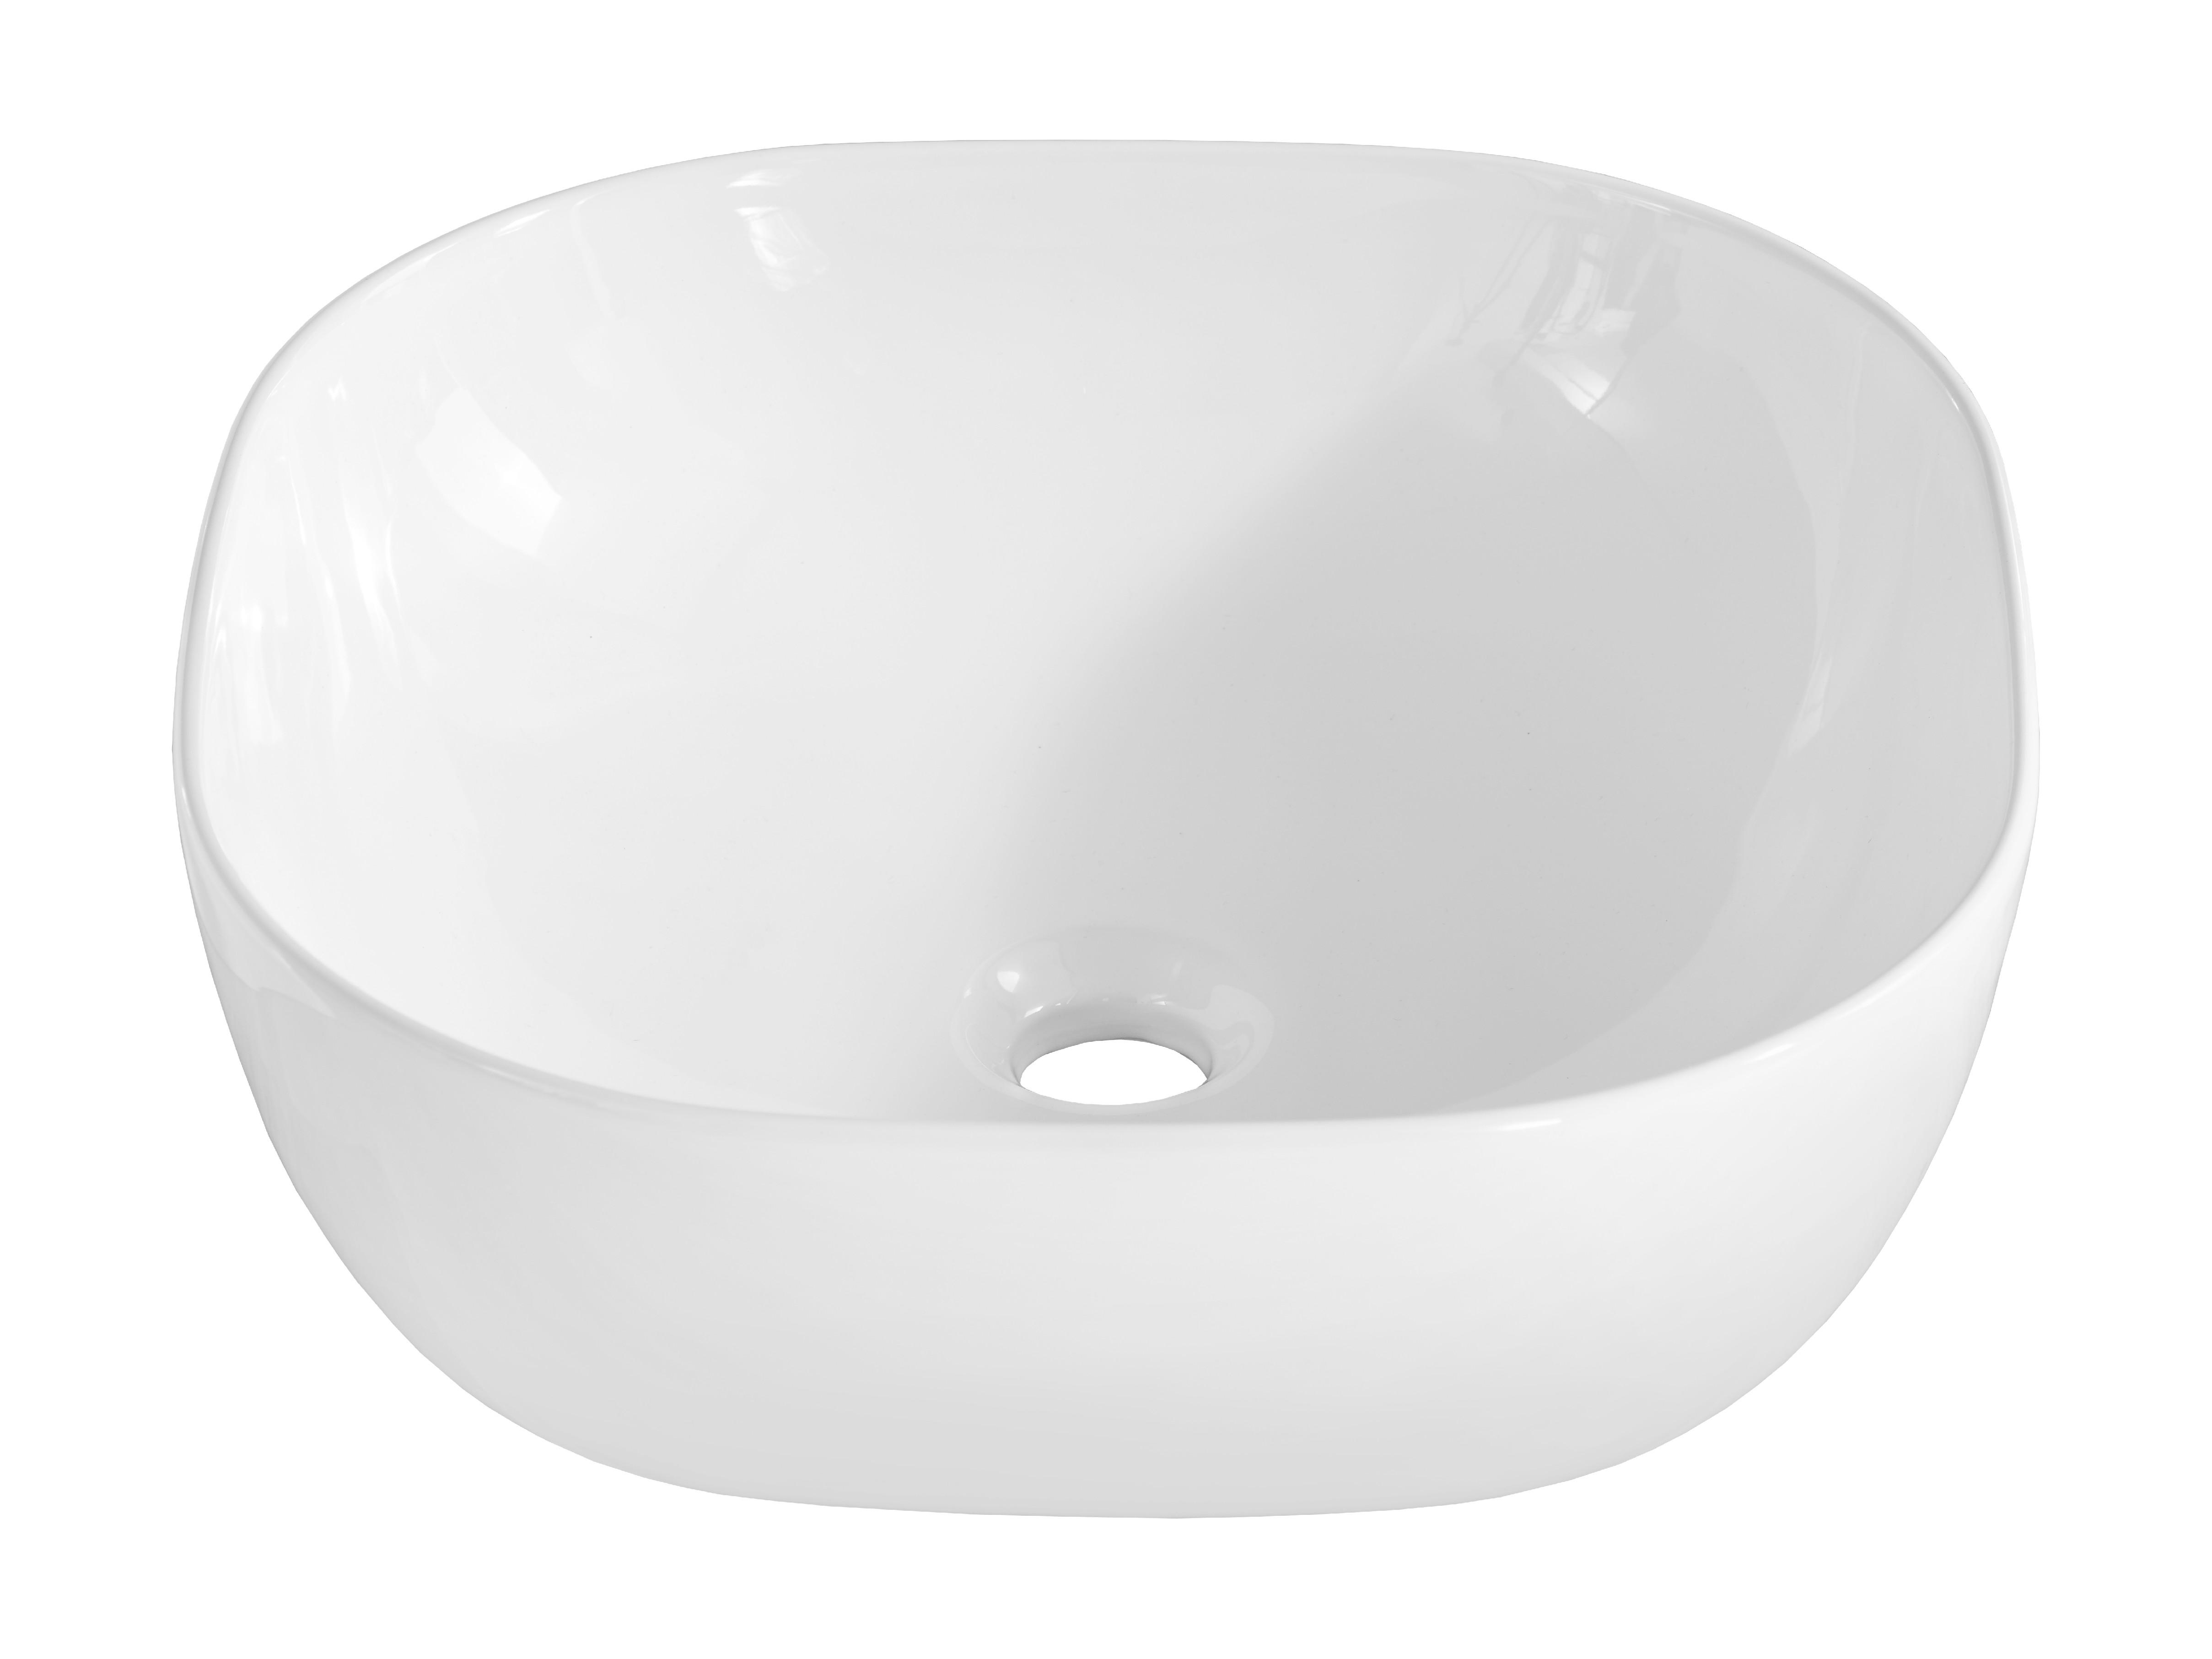 ArtCom Kúpeľňová zostava Capri | biela Capri | biela: Umývadlo UM 6252